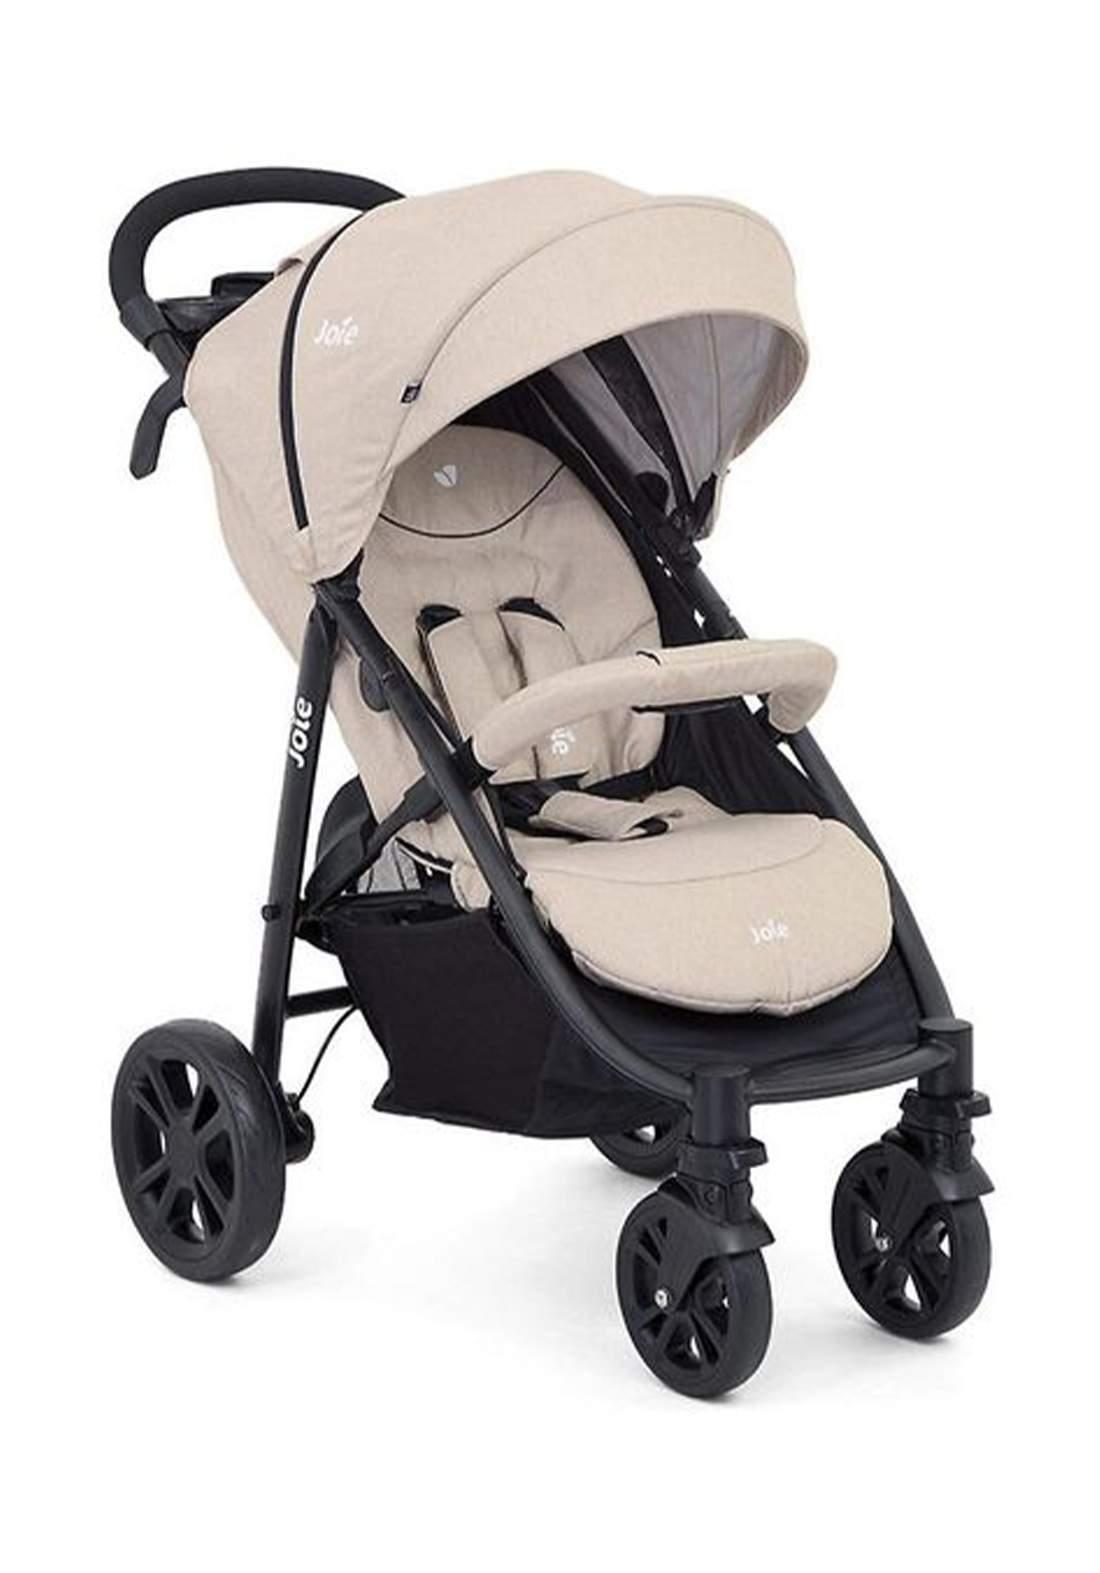 عربة اطفال  15 كغمJoie Baby S1112ZNCSW000 Baby Stroller